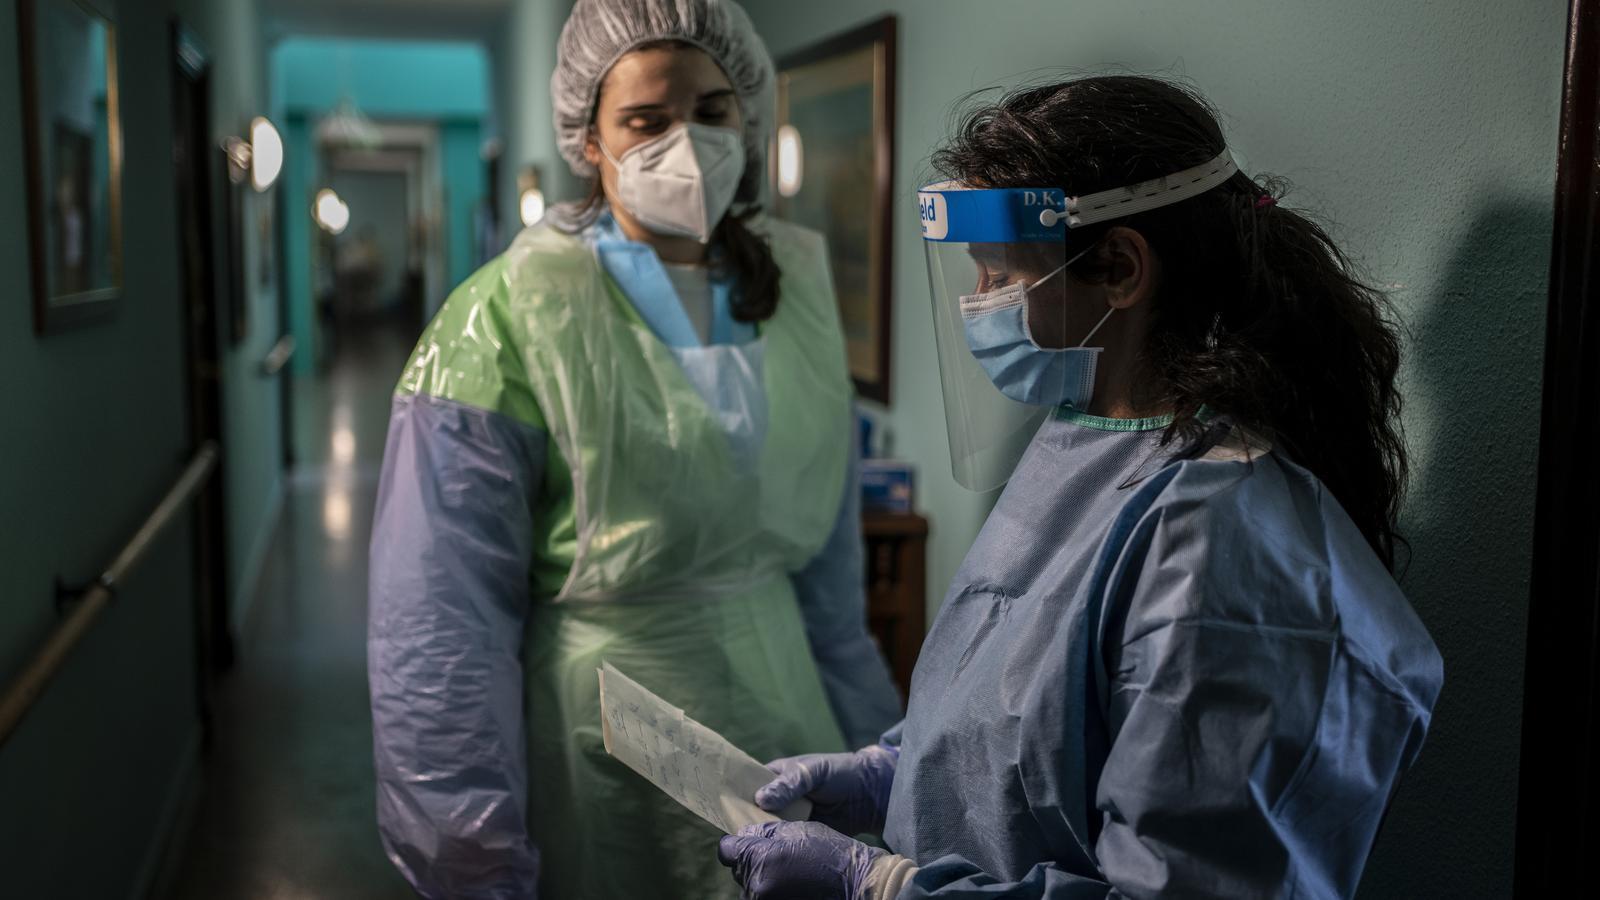 L'equip de MSF es reuneix amb els responsables de la Residència La nostra Senyora de les Mercedes de El Royo (Soria)